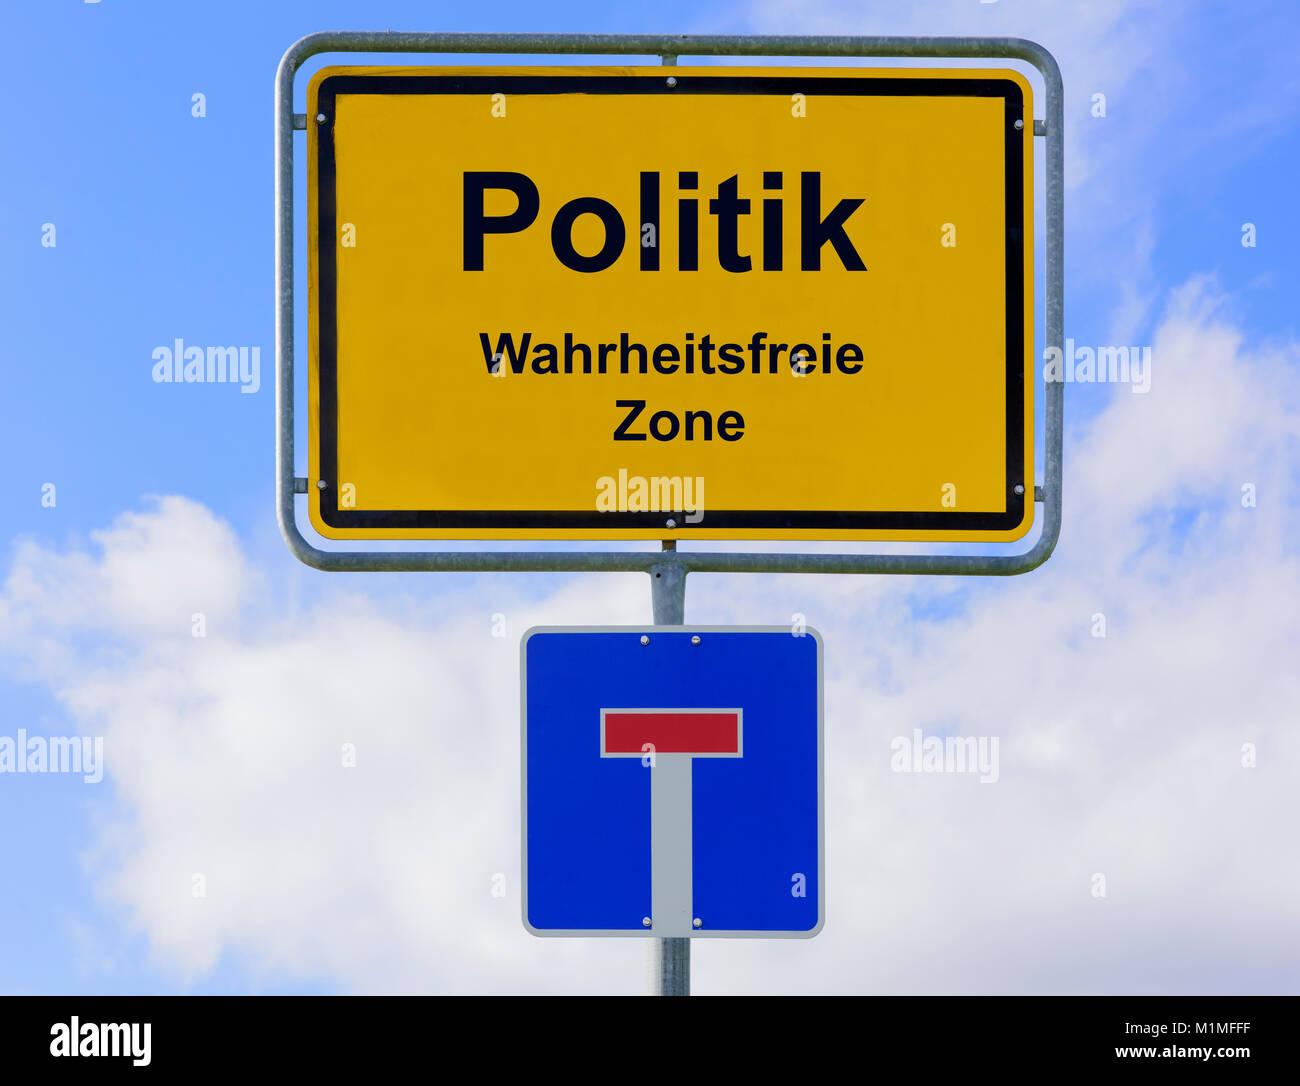 Politik in der wahrheitsfreien Zone auf Ortsschild - Stock Image